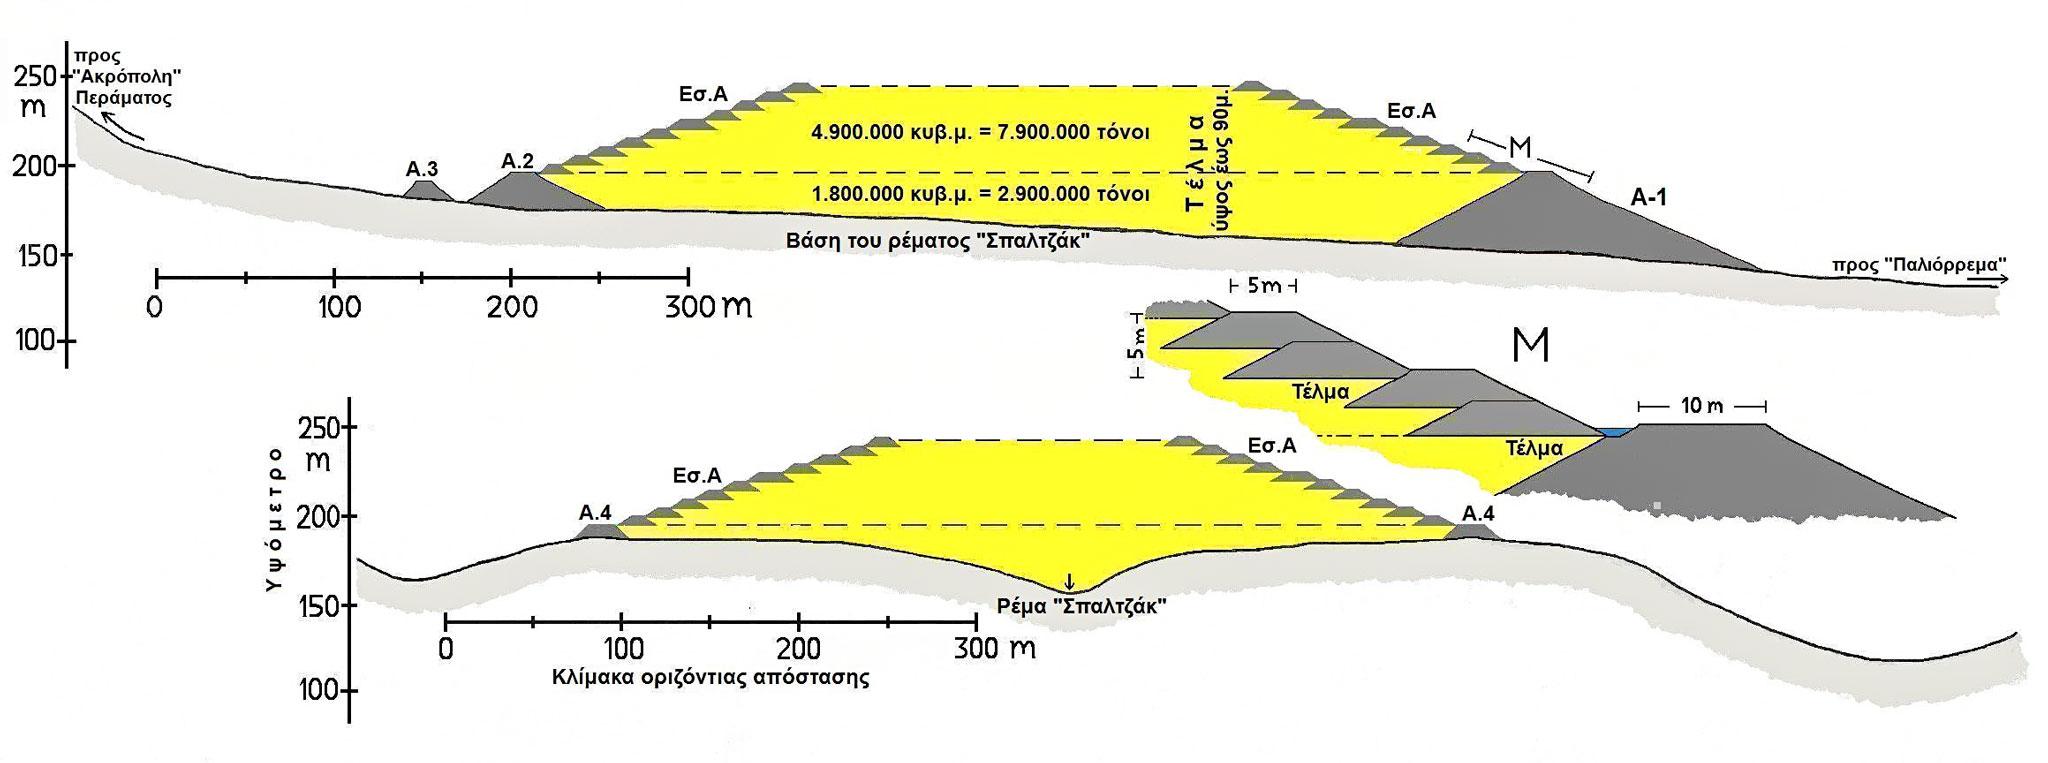 Εικόνα 2: Η εγκατάσταση απόθεσης μεταλλευτικών τελμάτων στο προγραμματιζόμενο έργο Περάματος. Τομή κατά μήκος και εγκάρσια του ρέματος «Σπαλτζάκ». Σχηματική παράσταση των αναχωμάτων, της πλήρωσης του ρέματος με τέλματα μέχρι το επίπεδο των κατάντη και ανάντη και αναχωμάτων (Α.1 και Α.2) και της ανυψωτικής επέκτασης της εγκατάστασης με εσωτερικά αναχώματα. Μ: Μεγέθυνση, με ακριβή διάταξη και διάσταση των εσωτερικών αναχωμάτων. (Οι τομές απορρέουν από τα στοιχεία και σχέδια της ΜΠΕ της εταιρείας ΧΘ).